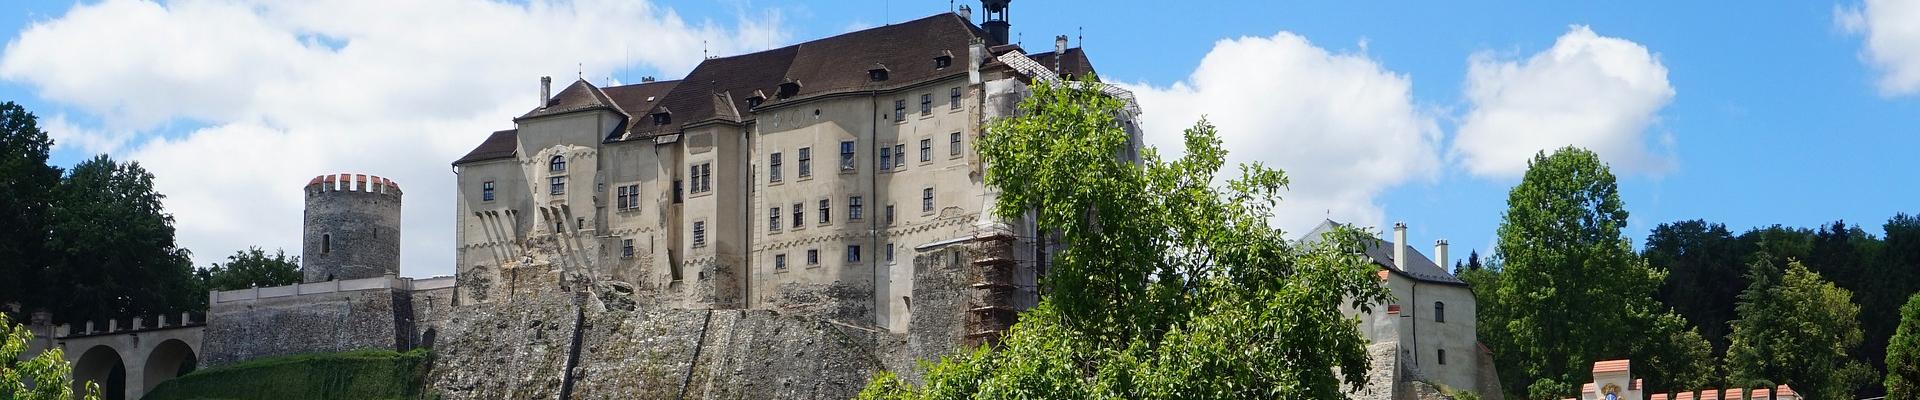 gemeinschaftlich Wohnen in Tschechien